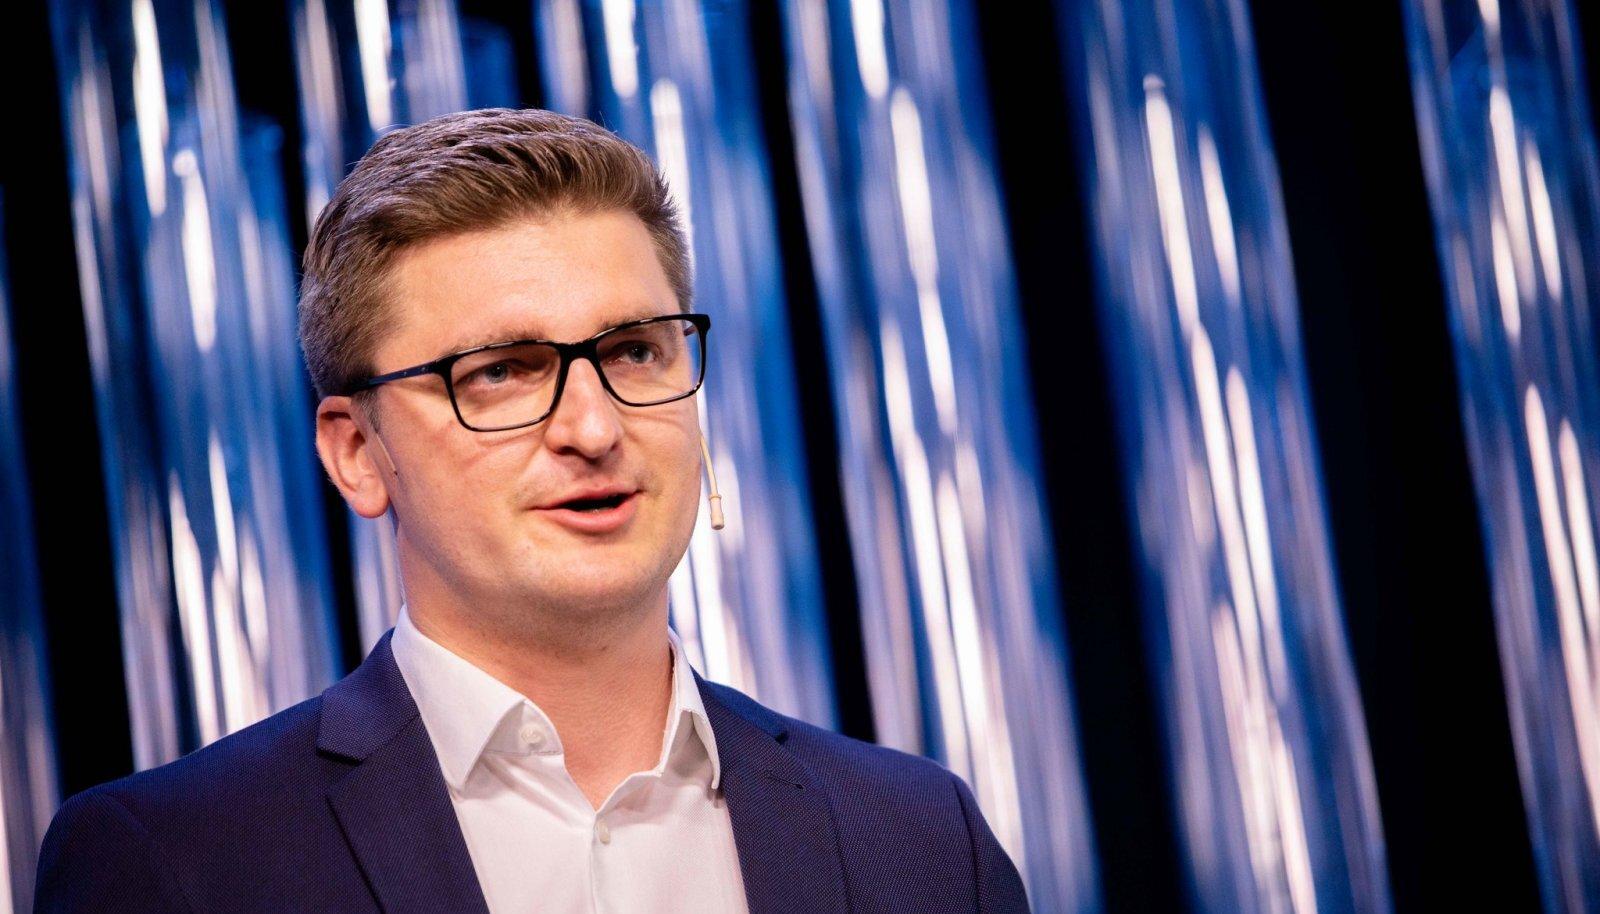 Martynas Sarapinas